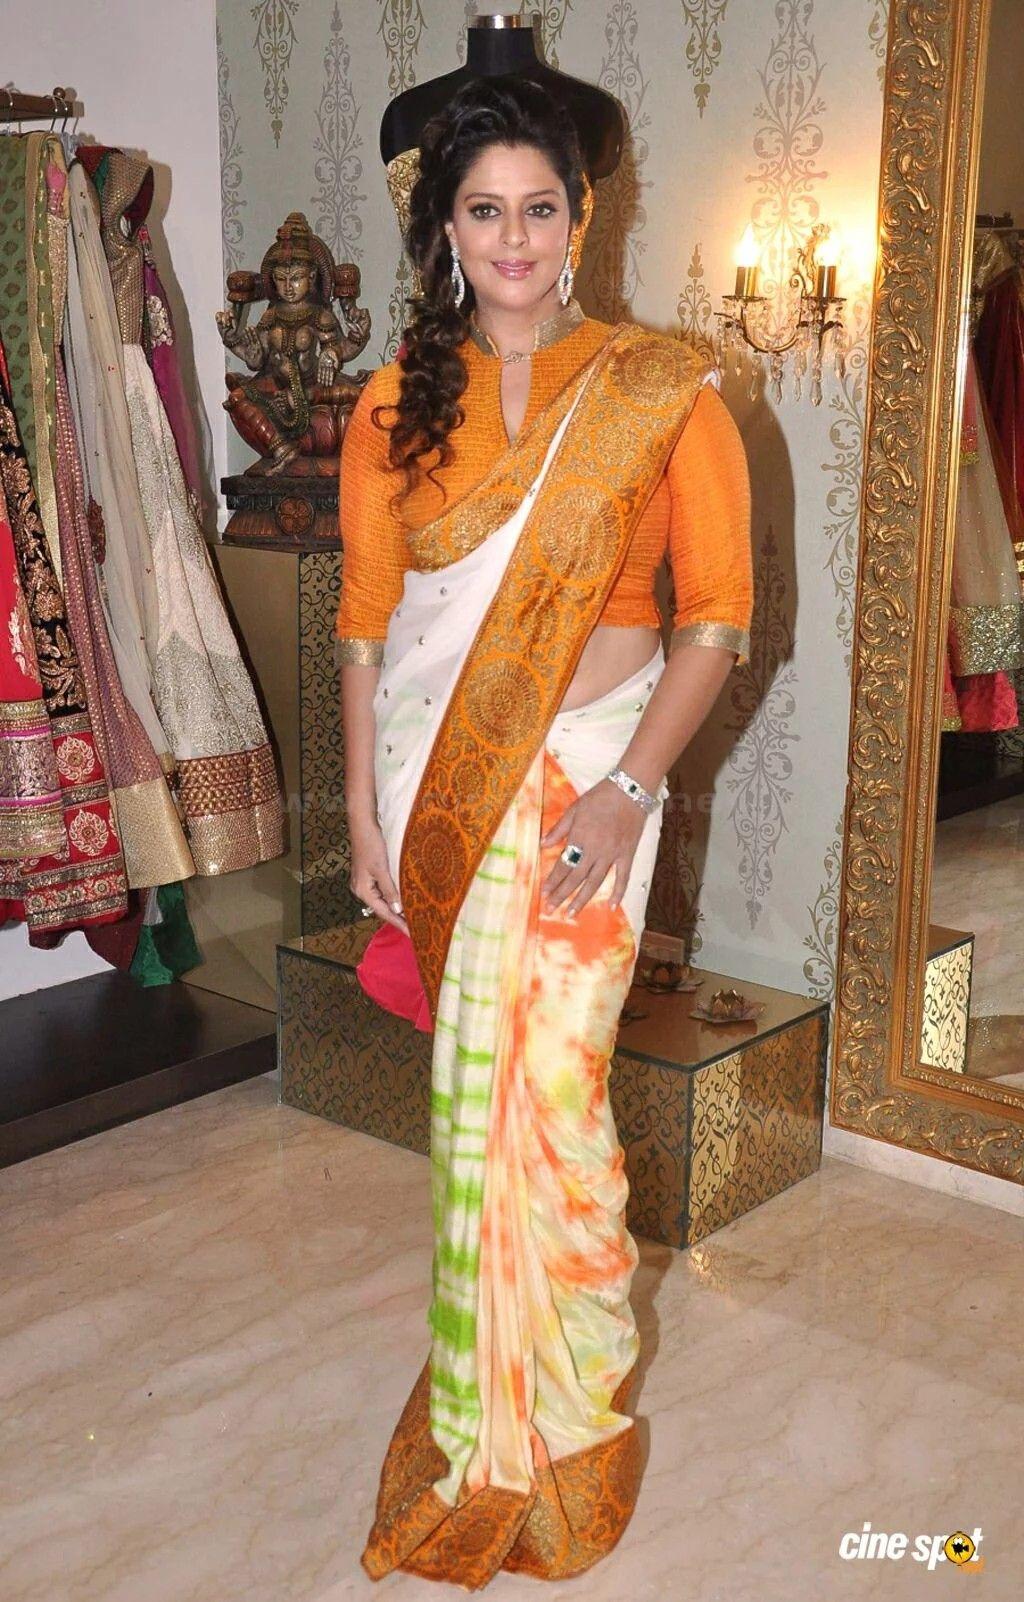 Pin by Shivay on Saree | Beautiful indian actress, Indian ...